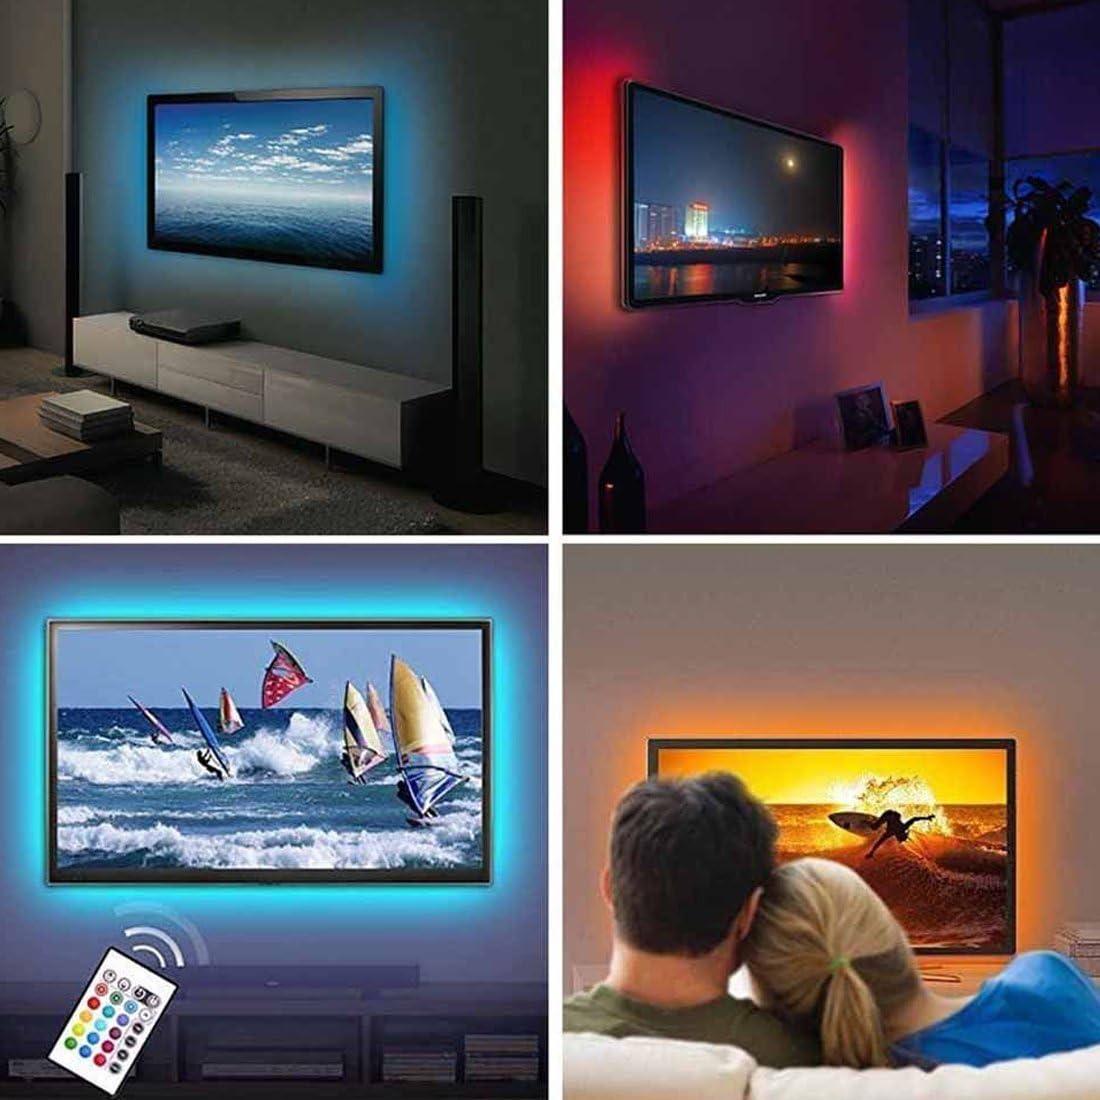 feican Bias Lighting TV retroiluminación para HDTV LED tiras luces LED con mando a distancia, 2 RGB tira de luces LED Home Multi Color RGB LED neón Accent TV iluminación para soporte